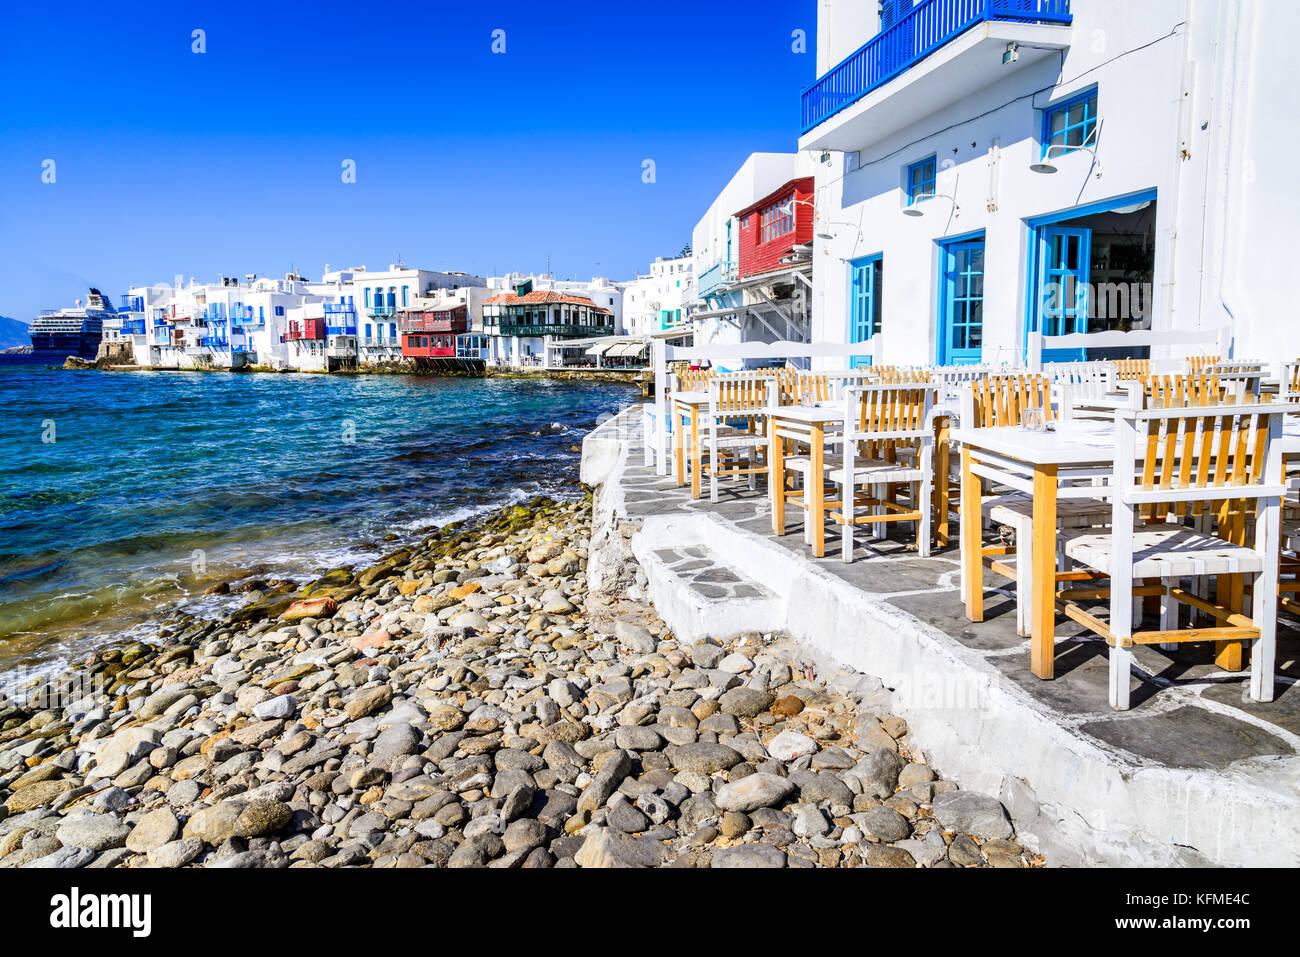 La petite Venise de Mykonos - maisons au bord de l'eau, considéré comme l'un des endroits les Photo Stock